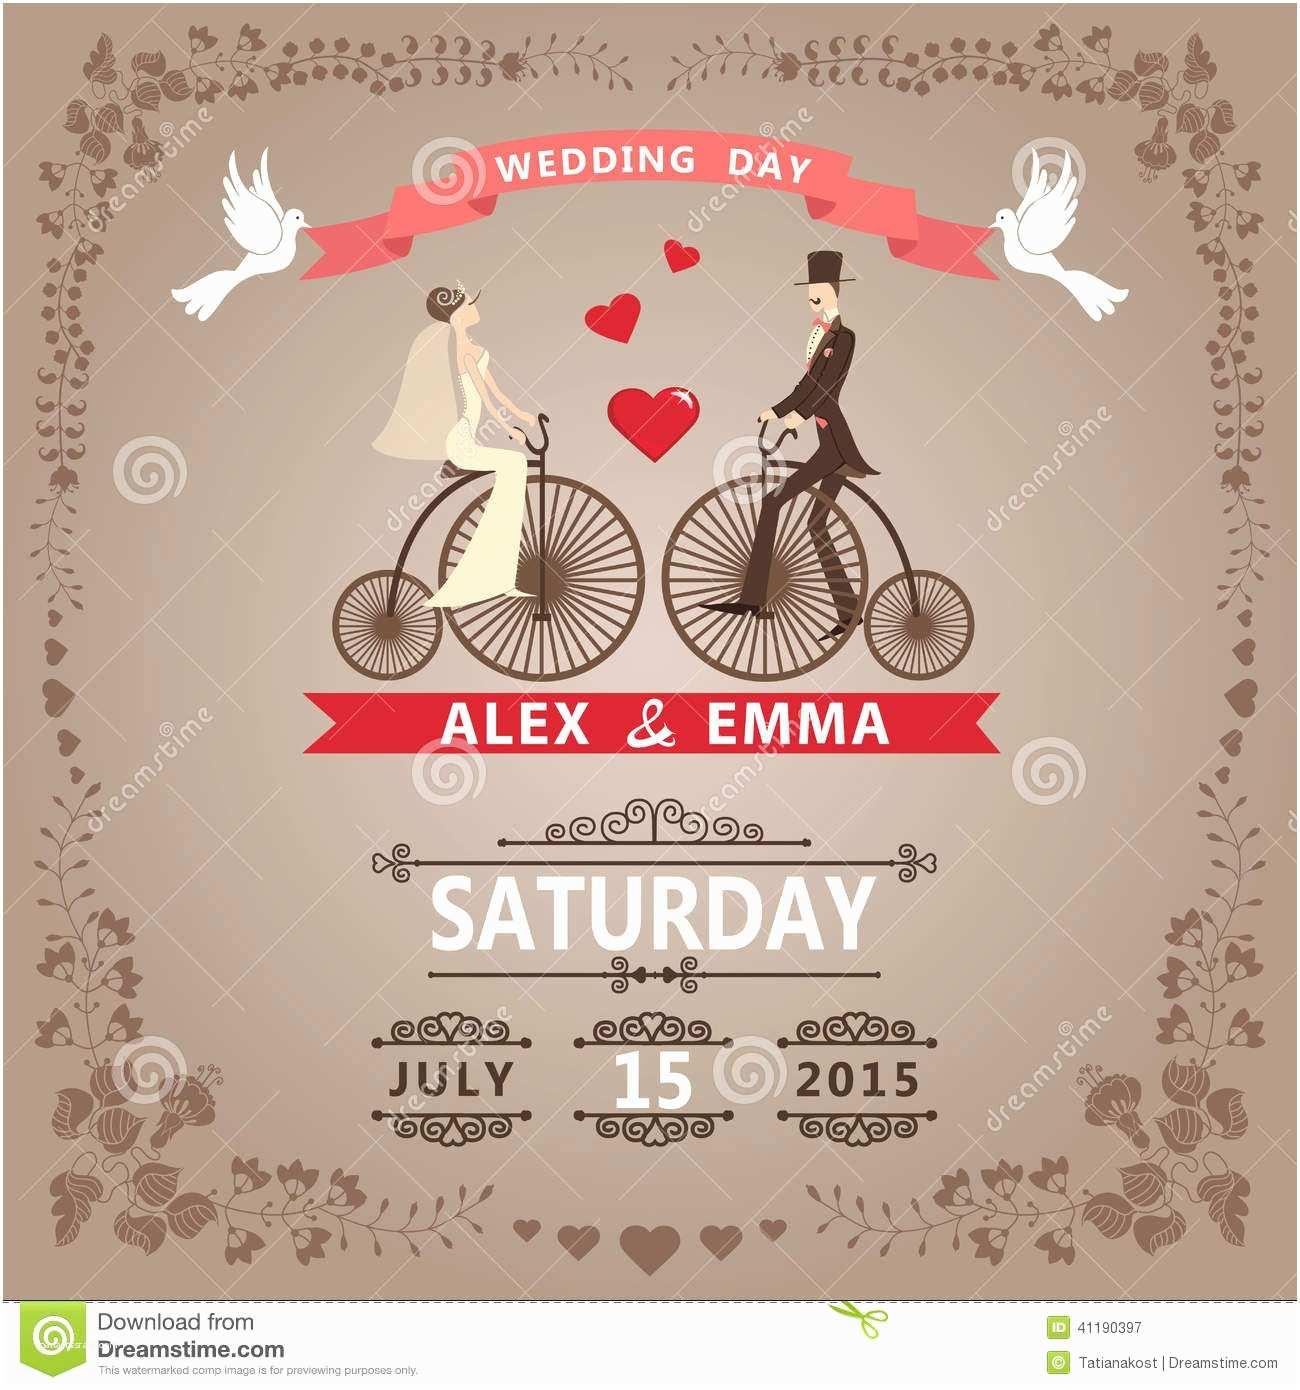 Brides Wedding Invitations Wedding Invitation with Bride Groom Retro Bicycle Floral